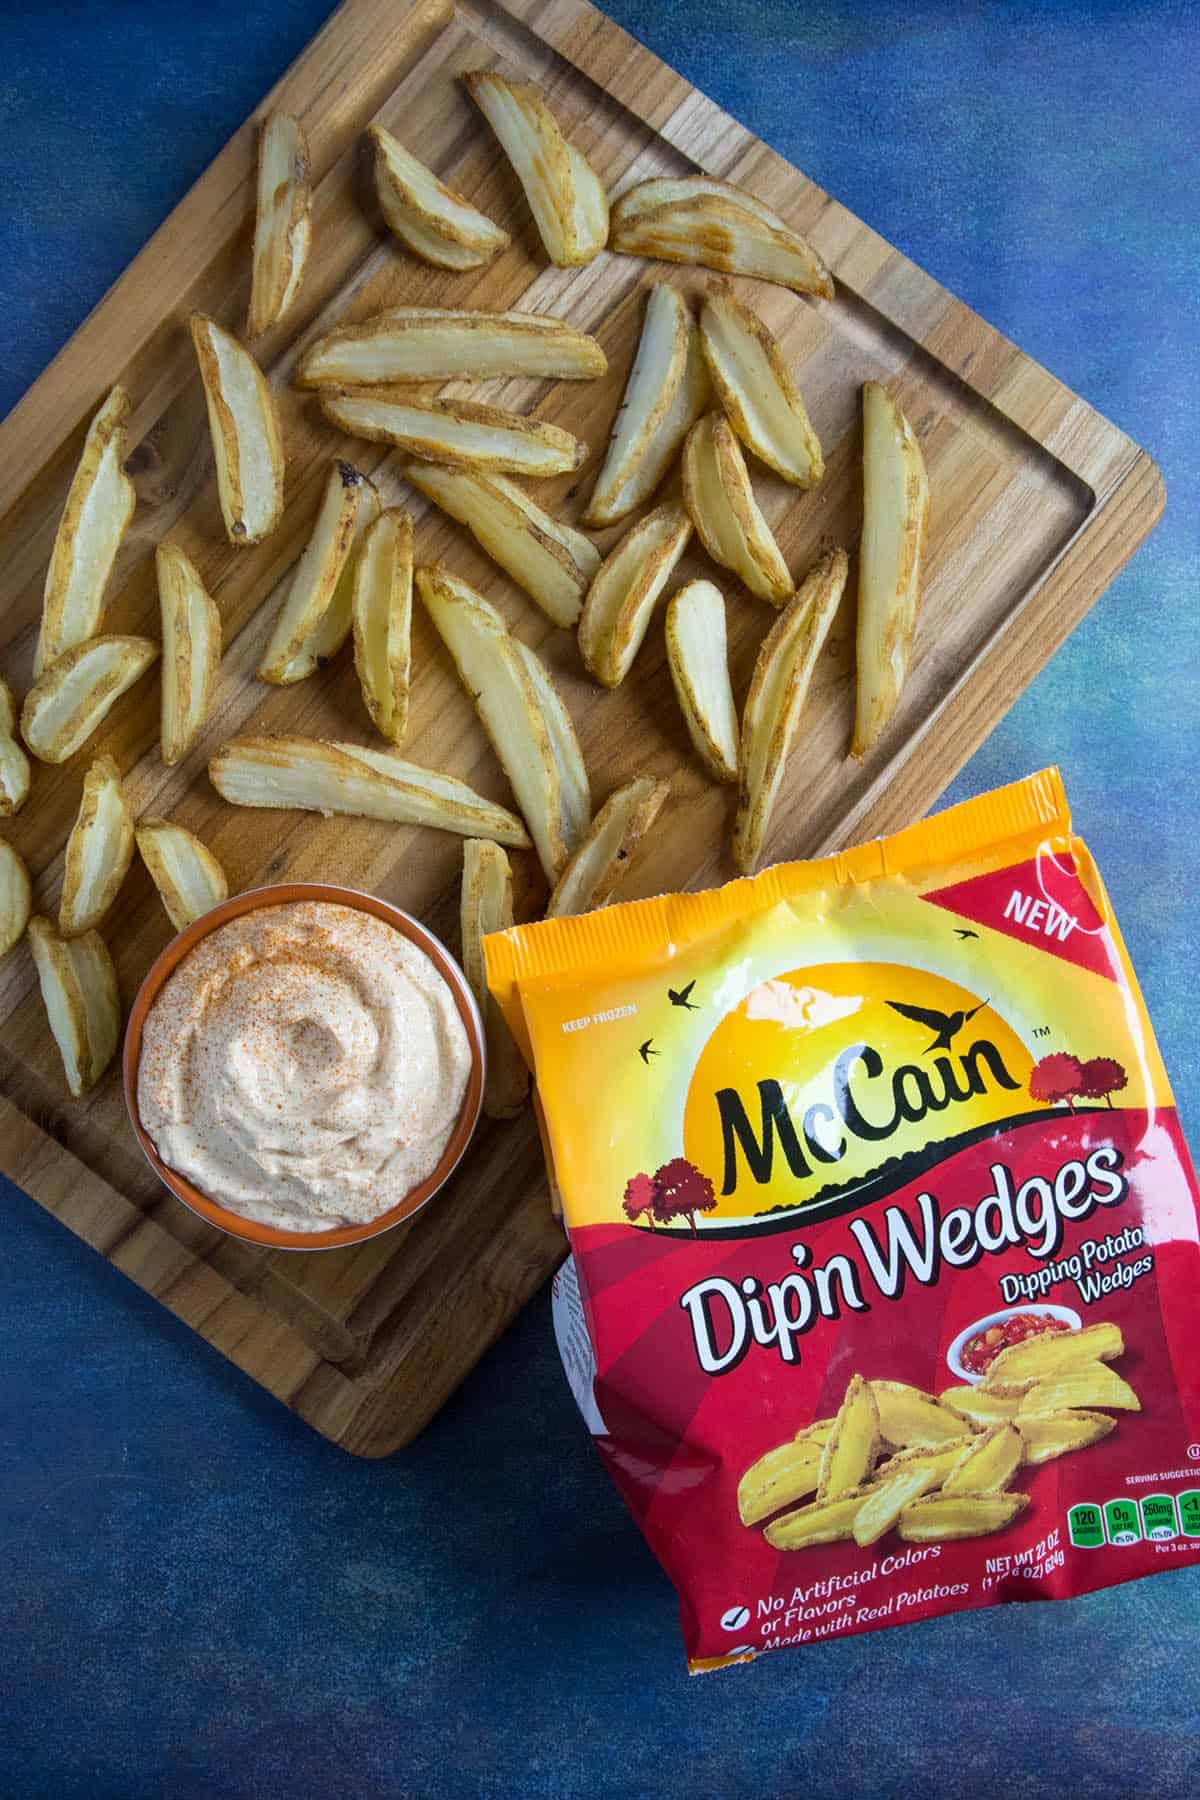 Sour Cream Dip with Dip'n Wedges